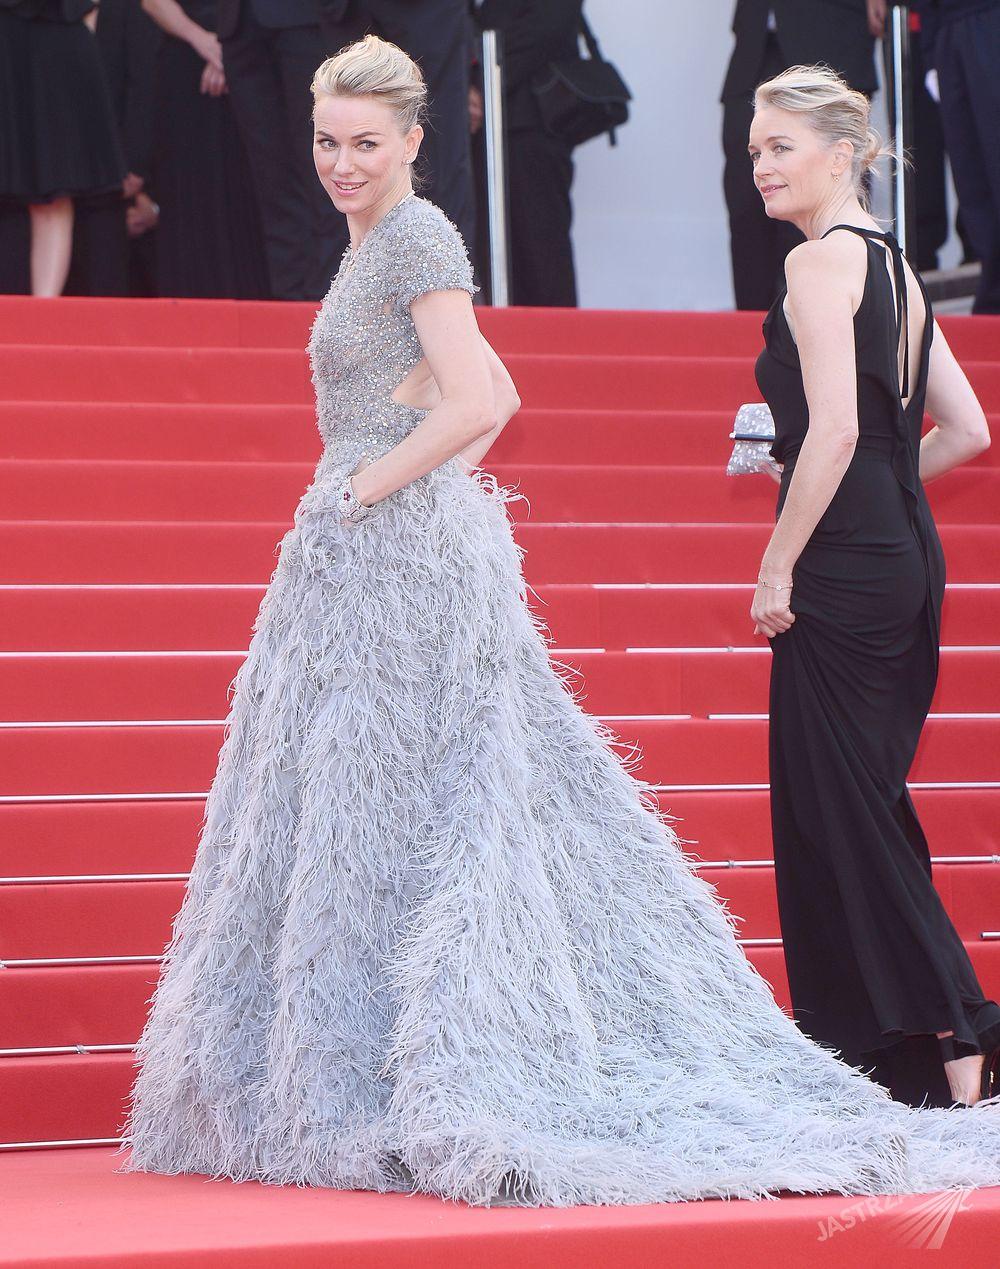 Naomi Watts w kreacji Elie Saab, Cannes 2015 Fot. ons